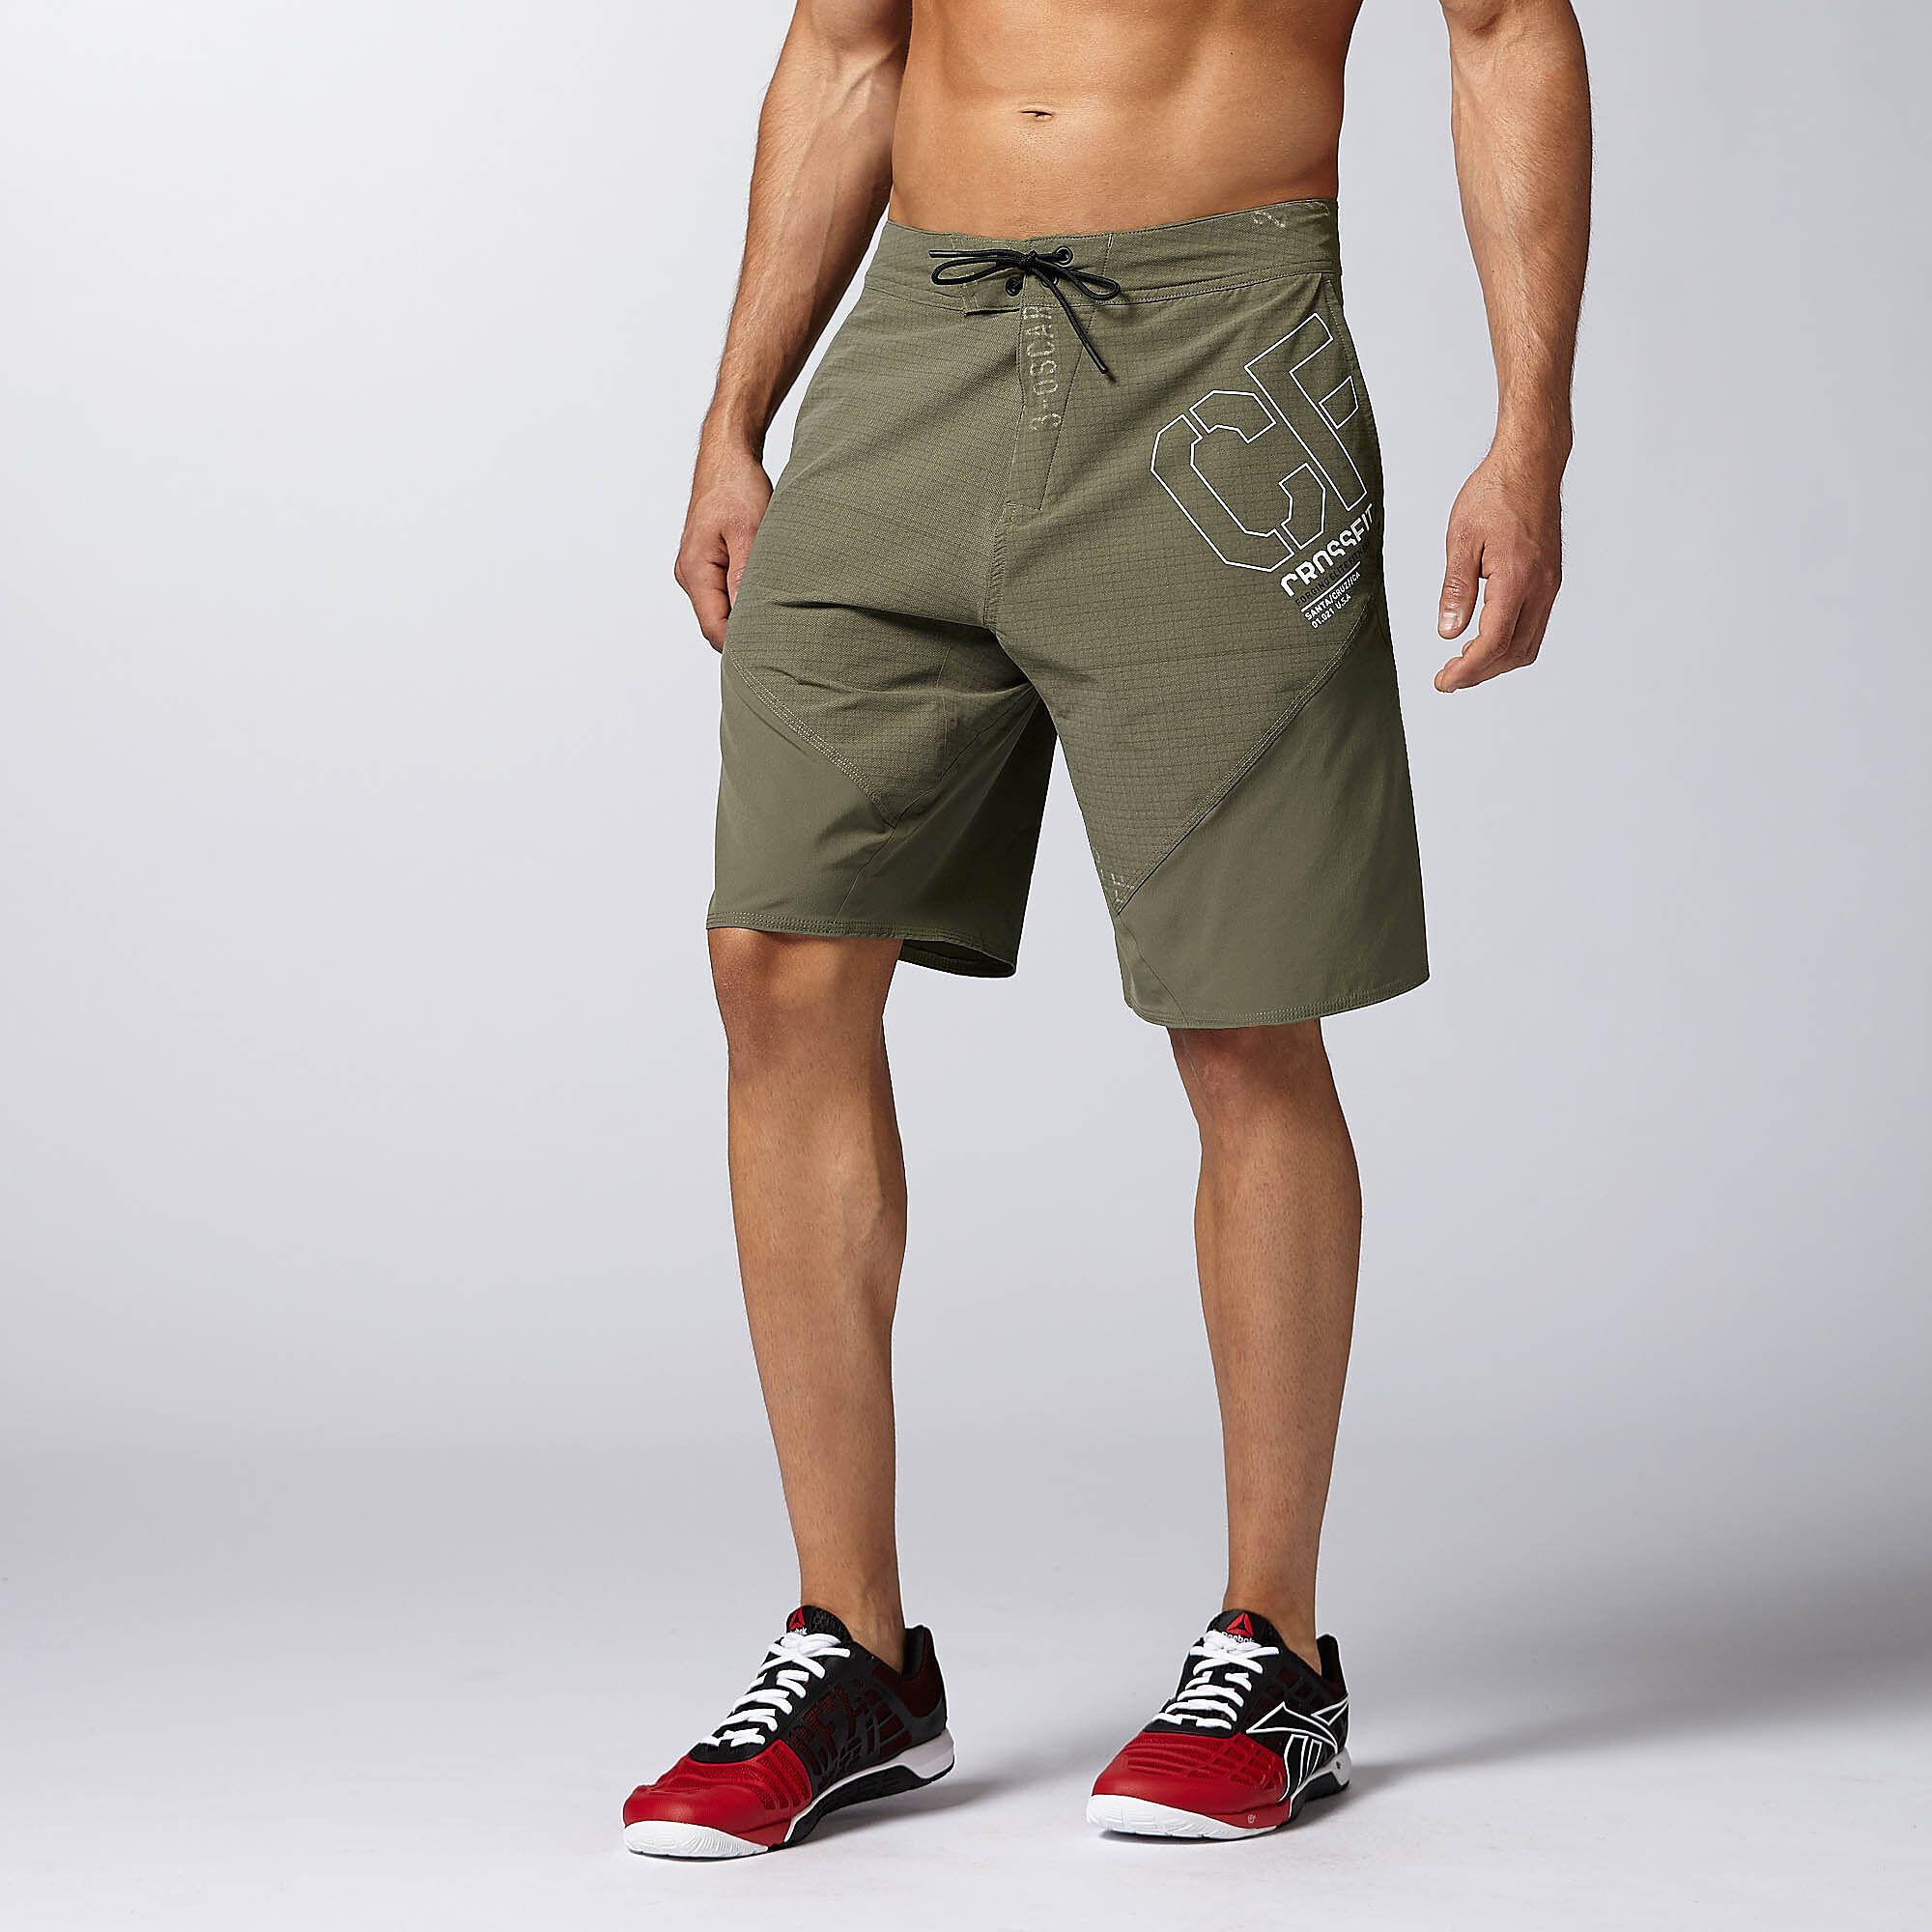 Reebok Menns Shorts Strekkode mmYLZZ7b